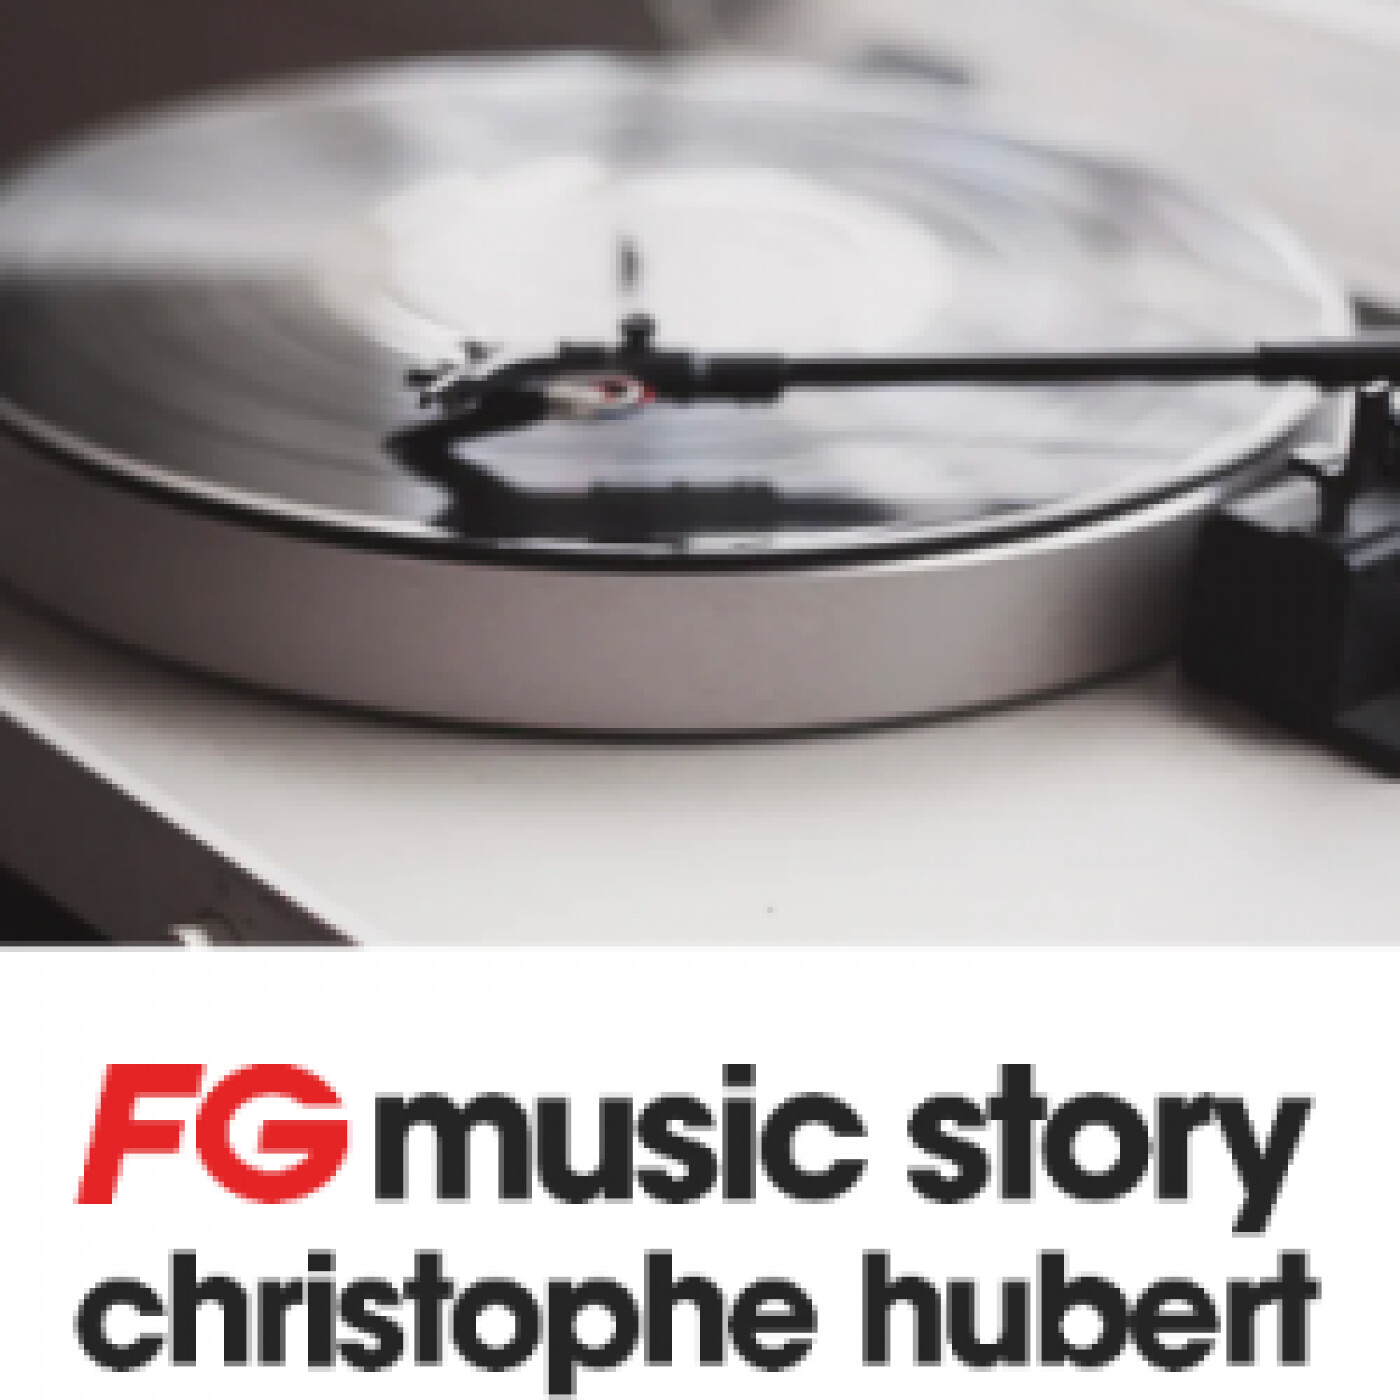 FG MUSIC STORY : THE AVENER